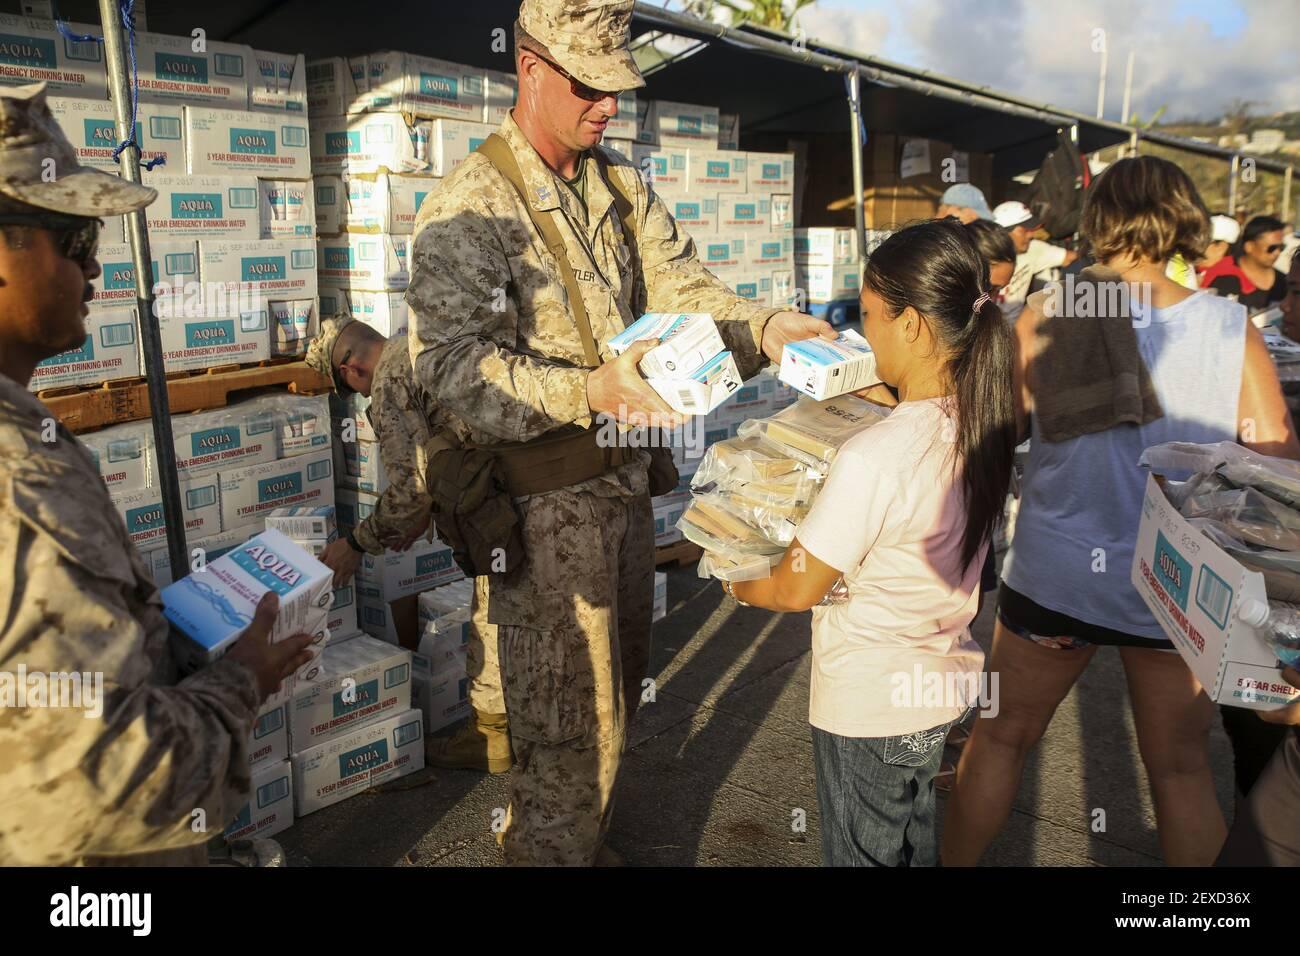 SAIPAN (Aug 9, 2015) U.S. Marine Capt. Jeffery Butler verteilt Wasser in einem Tierheim in Saipan, 9. August 2015. Marineinfanteristen der Echo Company, Bataillon Landing Team 2nd Bataillon, 5th Marineinfanteristen, 31st Marine Expeditionary Unit (31st MEU), unterstützen lokale und föderale Behörden bei der Taifun-Hilfe in Saipan, nachdem die Insel vom Taifun Soudelor vom 2. Bis 3. August getroffen wurde. (Foto Cpl. Ryan C. Mains/USA Marine Corps) *** Bitte benutzen Sie Credit from Credit Field *** Stockfoto